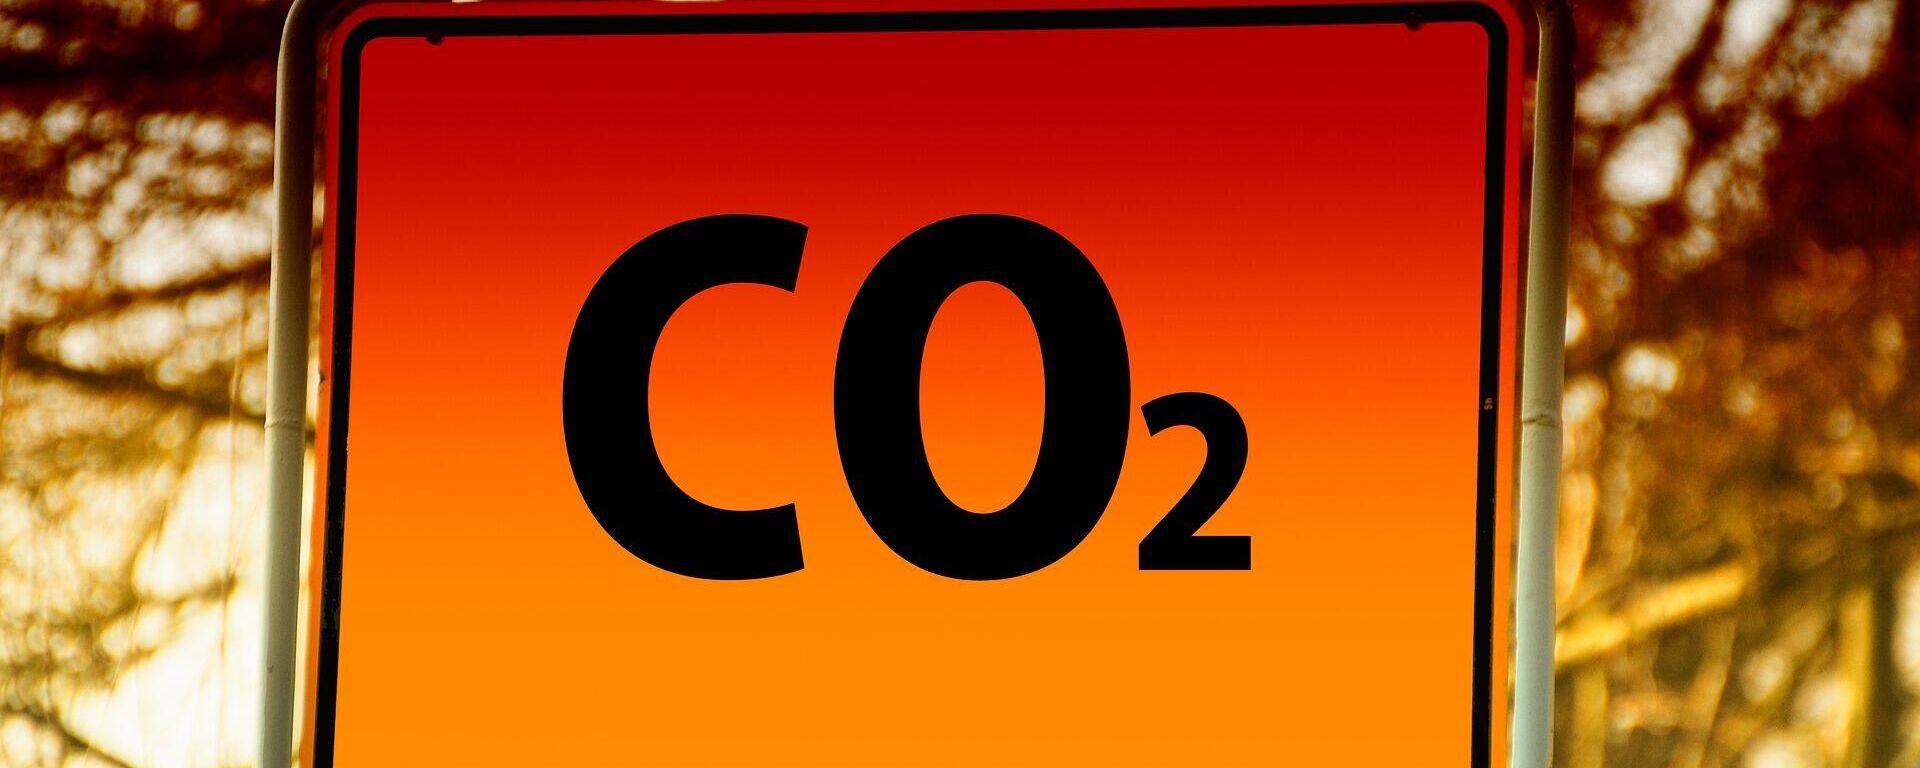 CO2-Zeichen (Symbolbild) - SNA, 1920, 07.10.2021